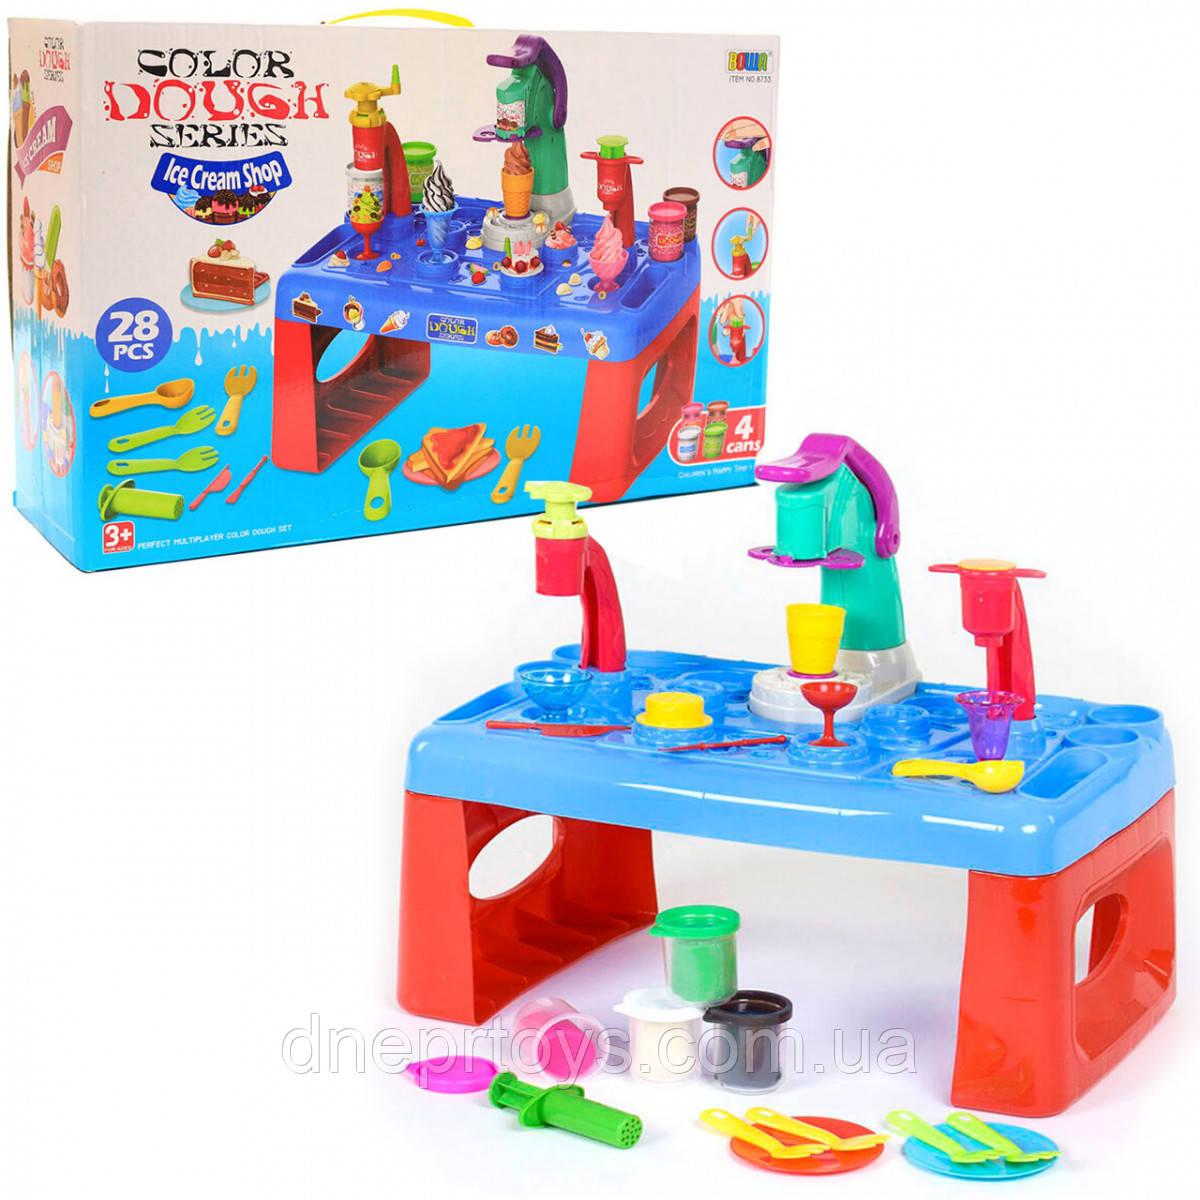 Дитячий набір для творчості пластилін 28 предметів, верстат (MK 3880)